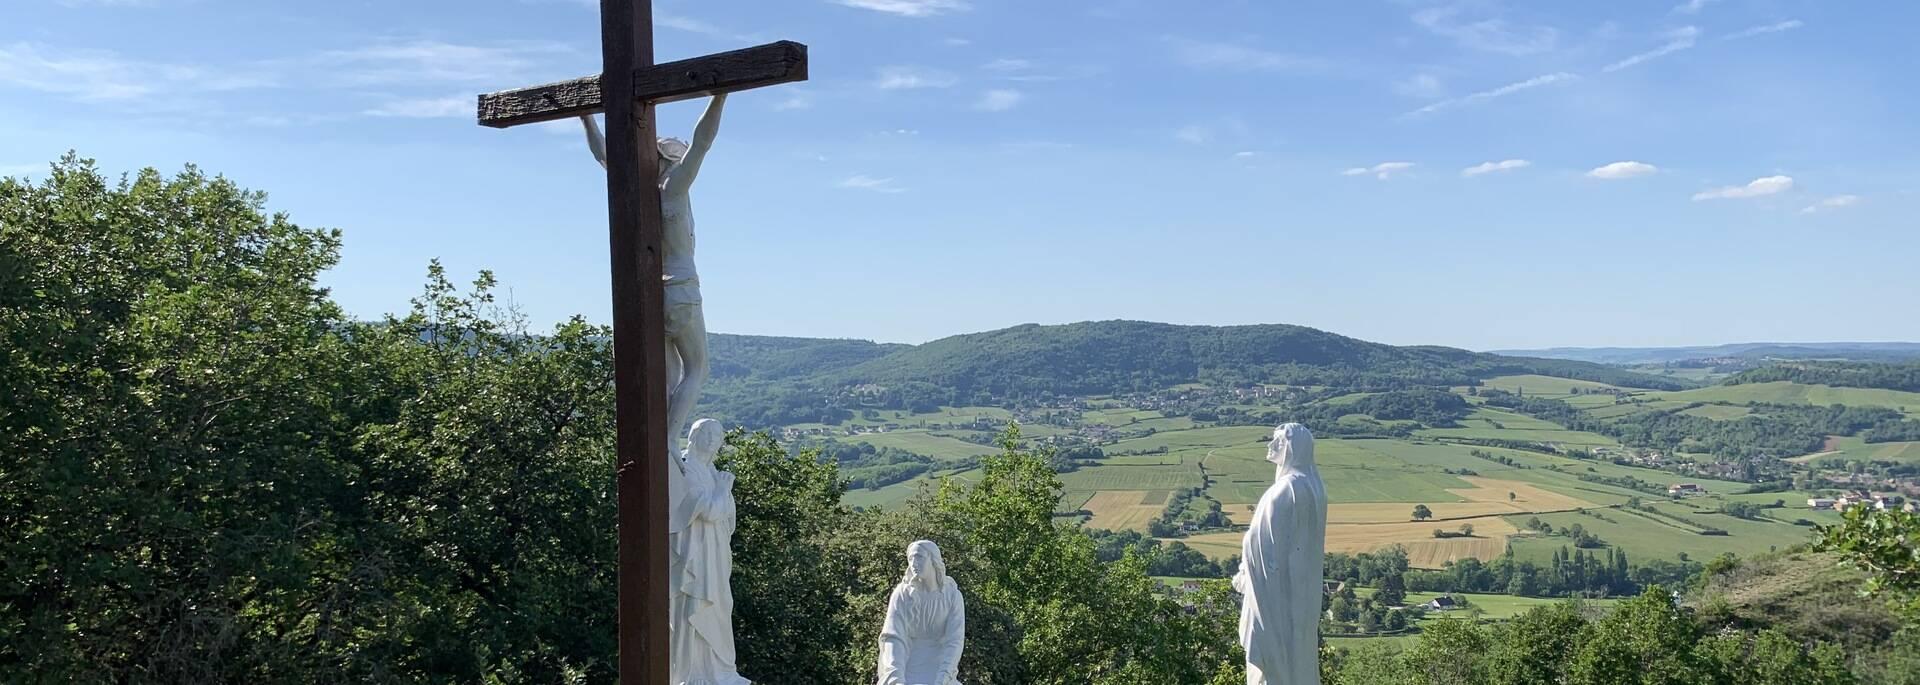 Randonnée Vallée des Vaux Côte Chalonnaise